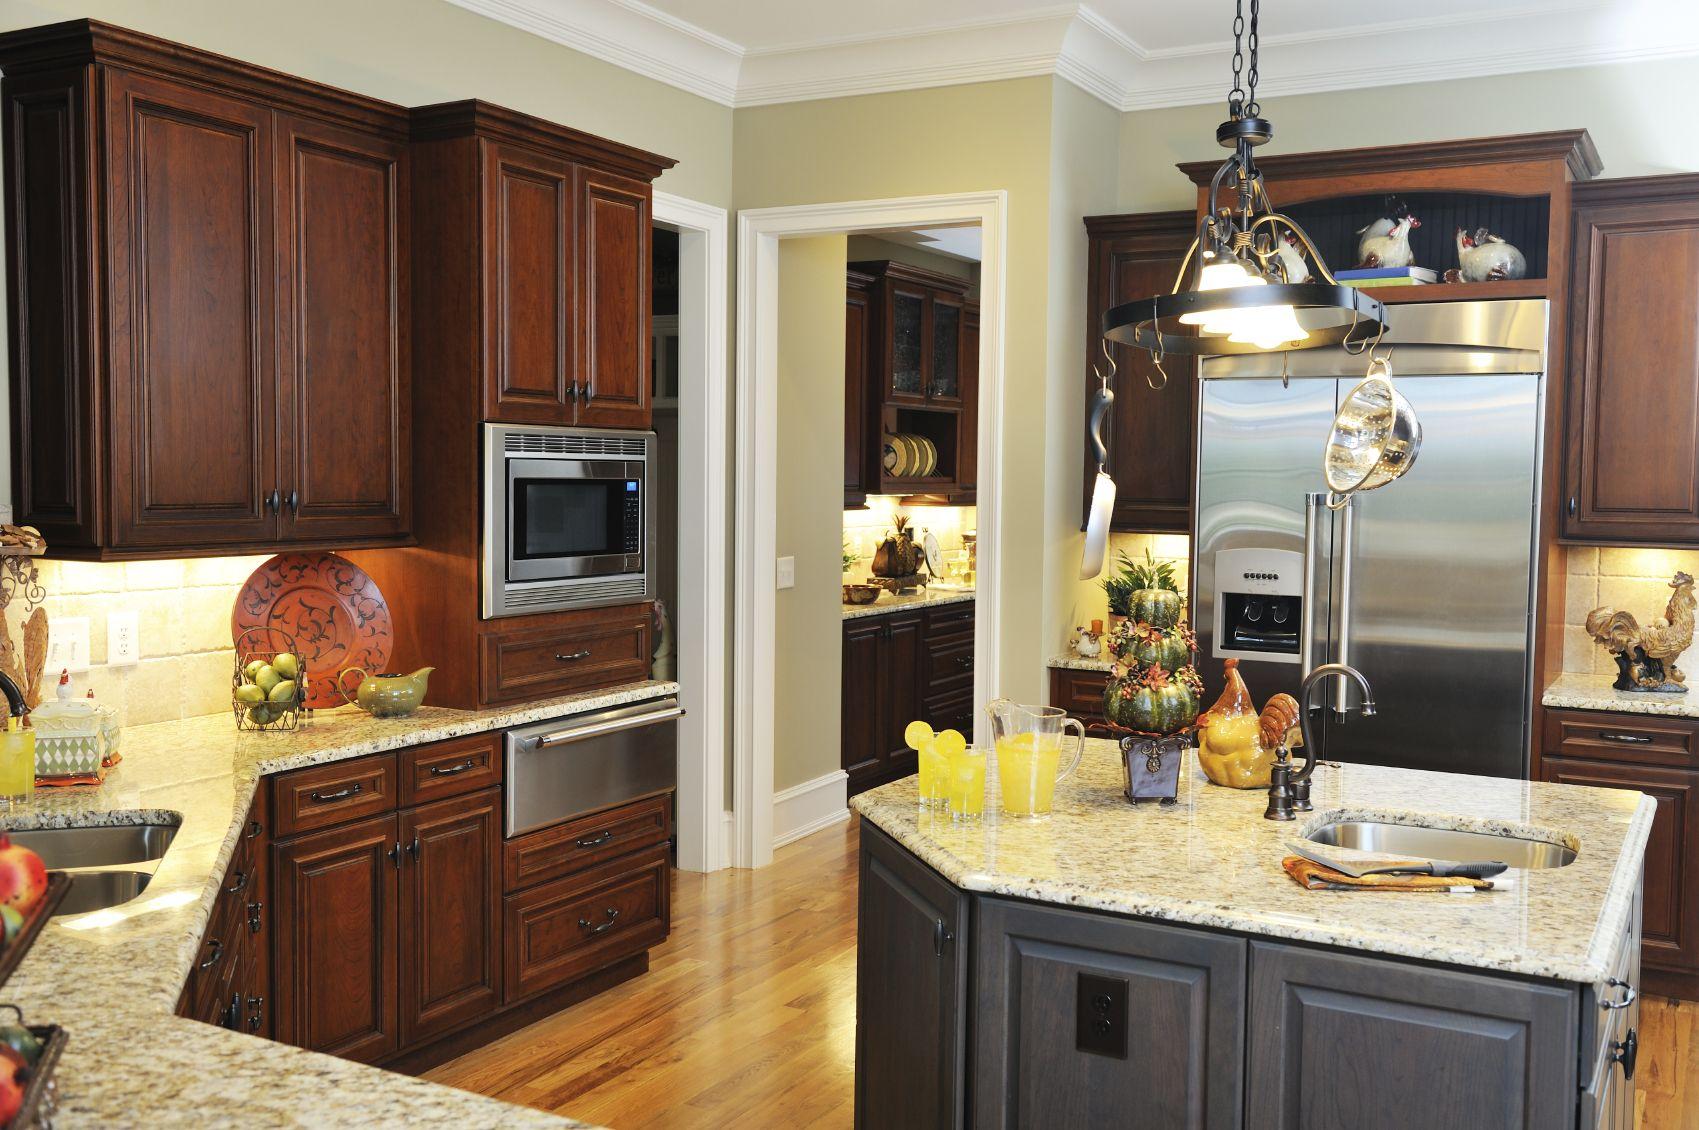 52 Dark Kitchens With Dark Wood Or Black Kitchen Cabinets 2020 Dark Kitchen New Kitchen Cabinets Kitchen Design